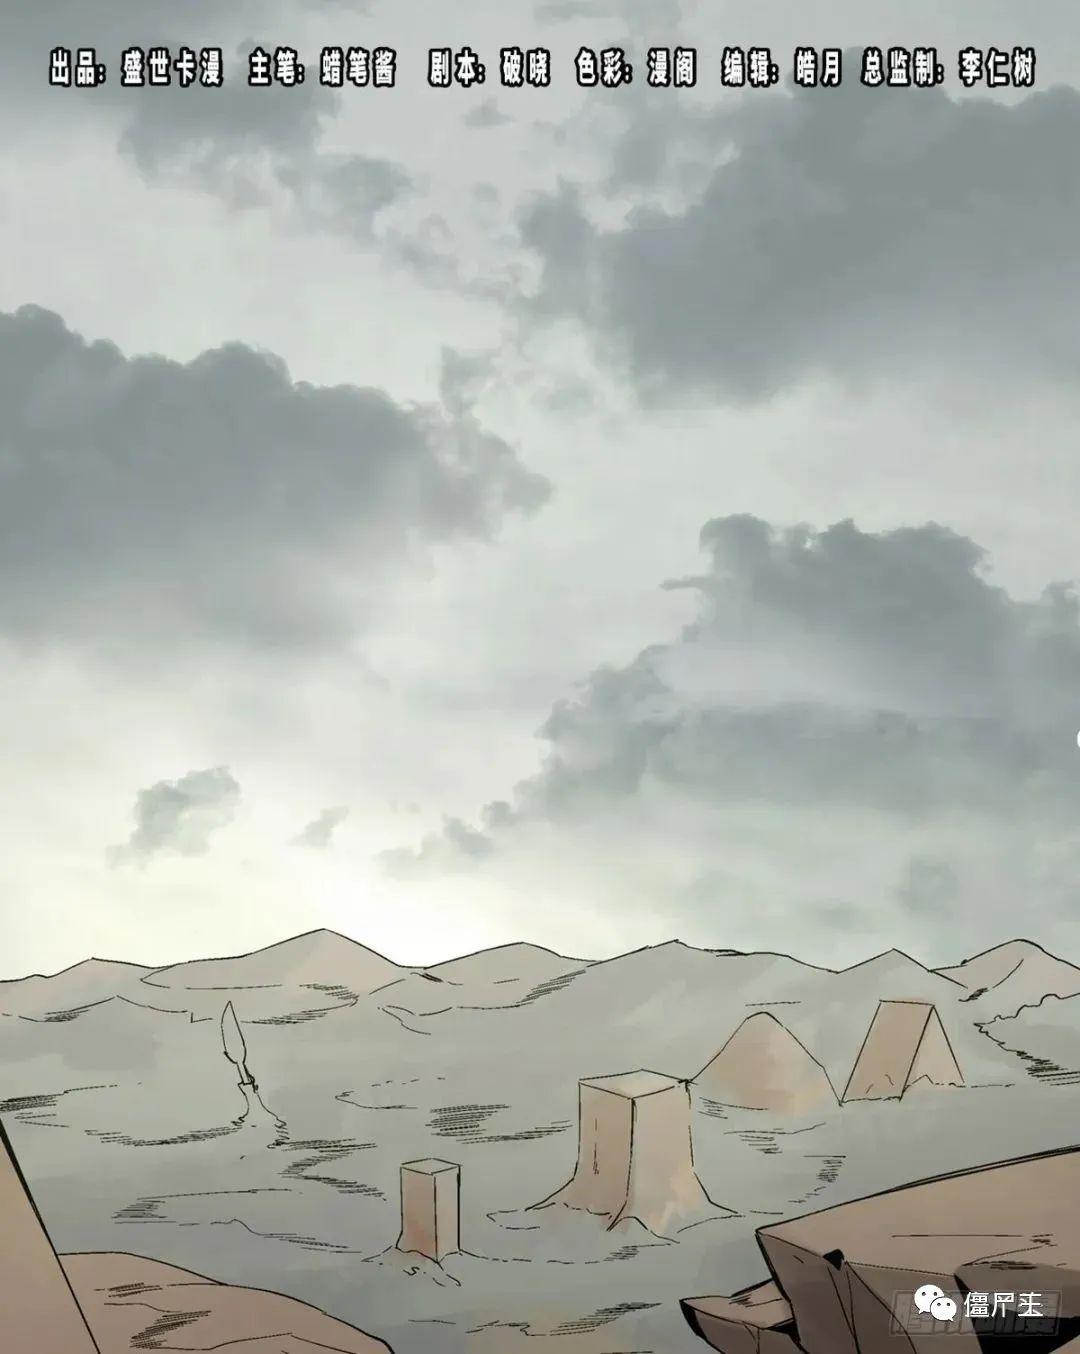 僵尸王漫画:心跳300秒之寻找人类